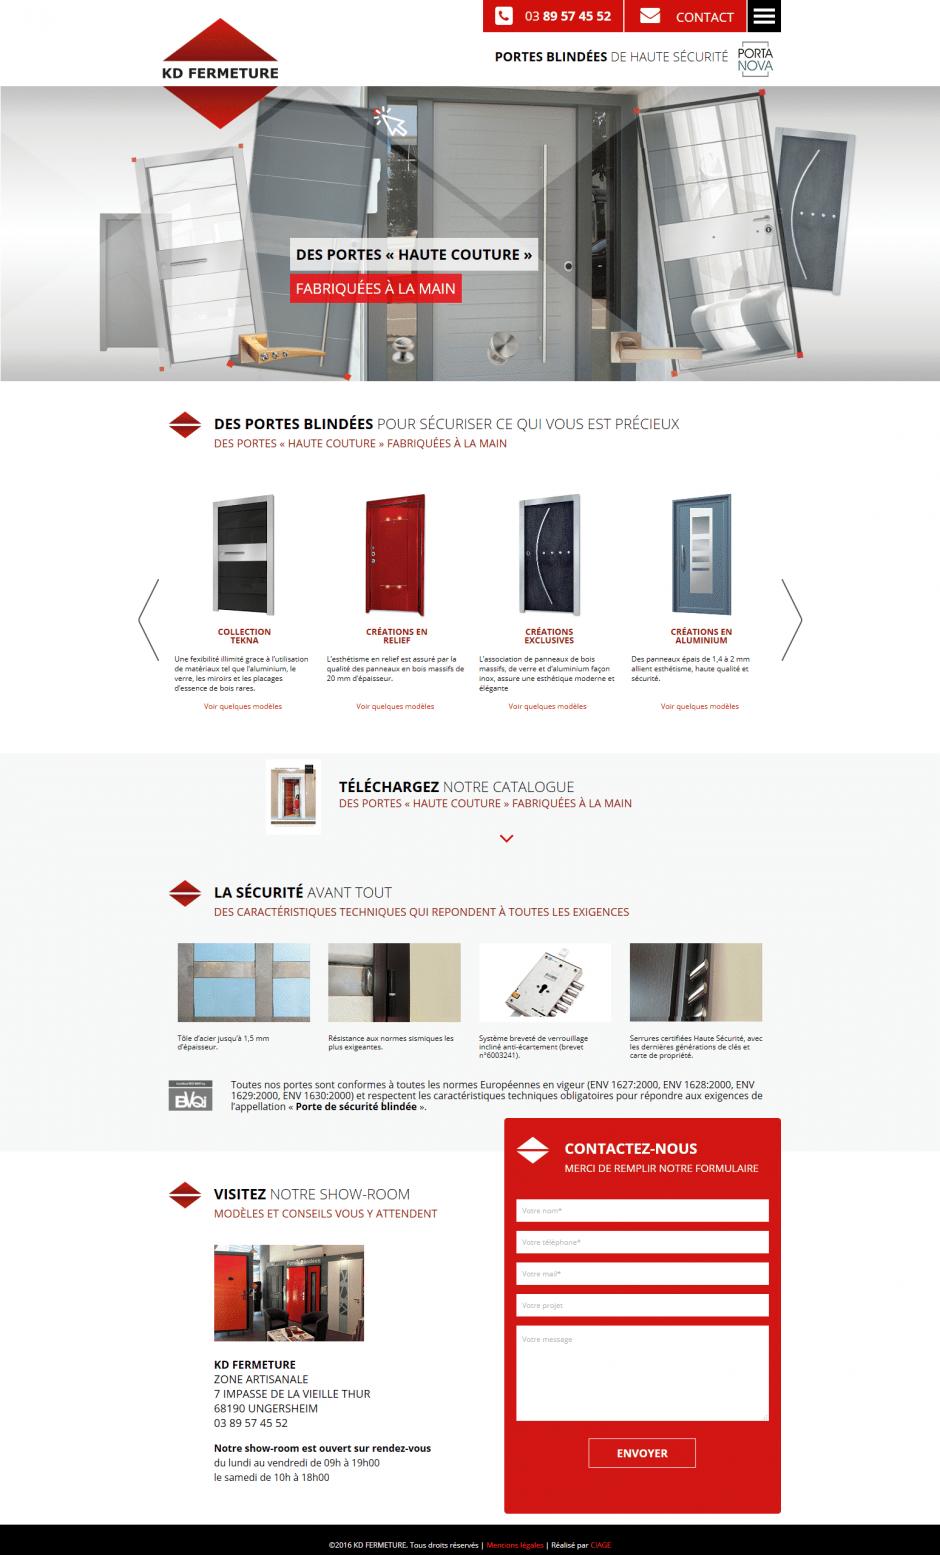 création de thème WordPress pour site internet - MD Webdesigner